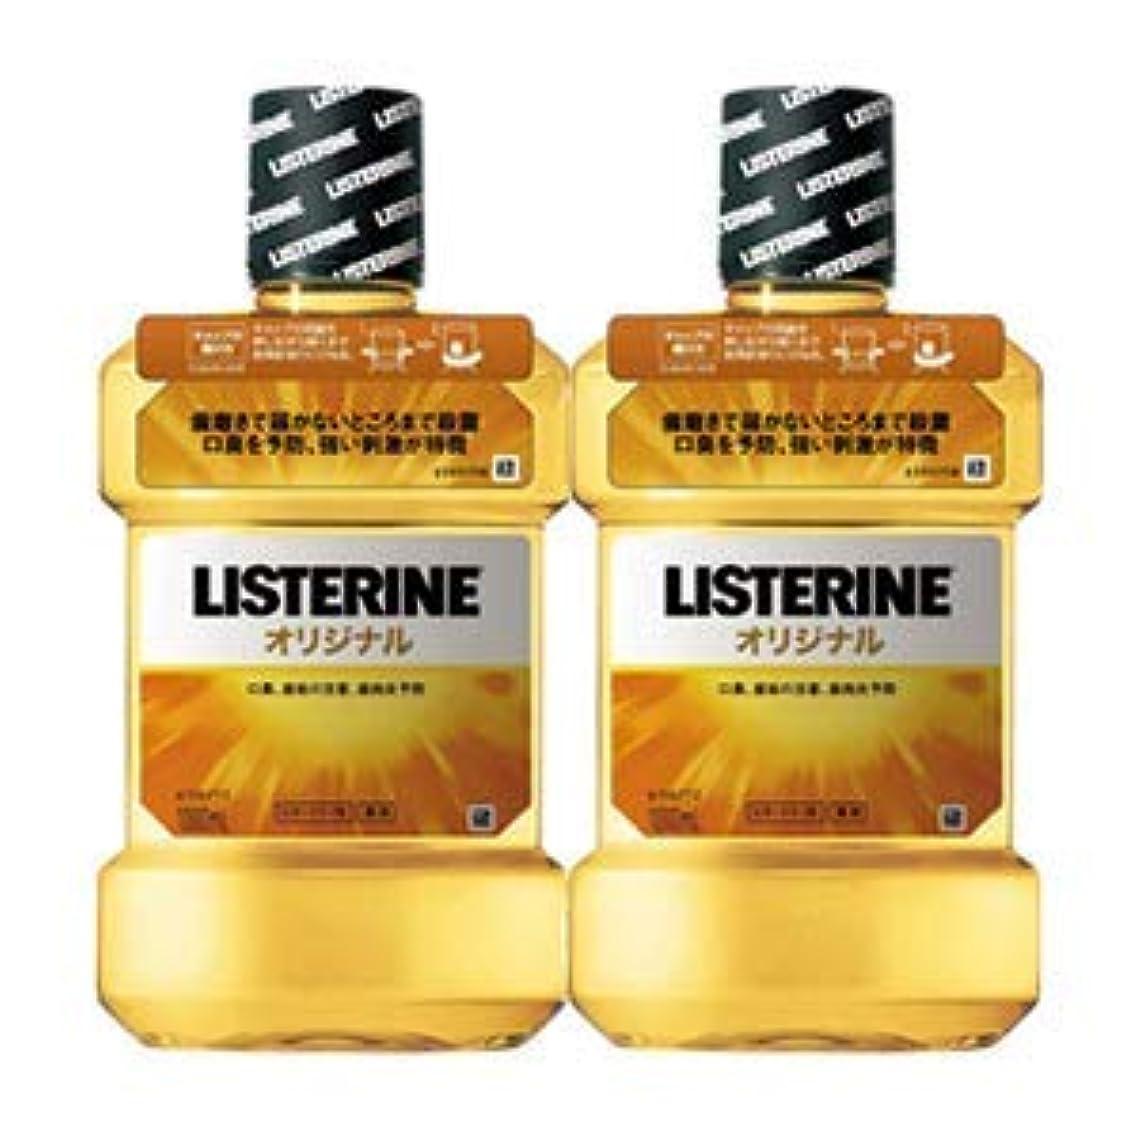 アラブ設置遺産薬用リステリン オリジナル (マウスウォッシュ/洗口液) 1000mL×2本セット